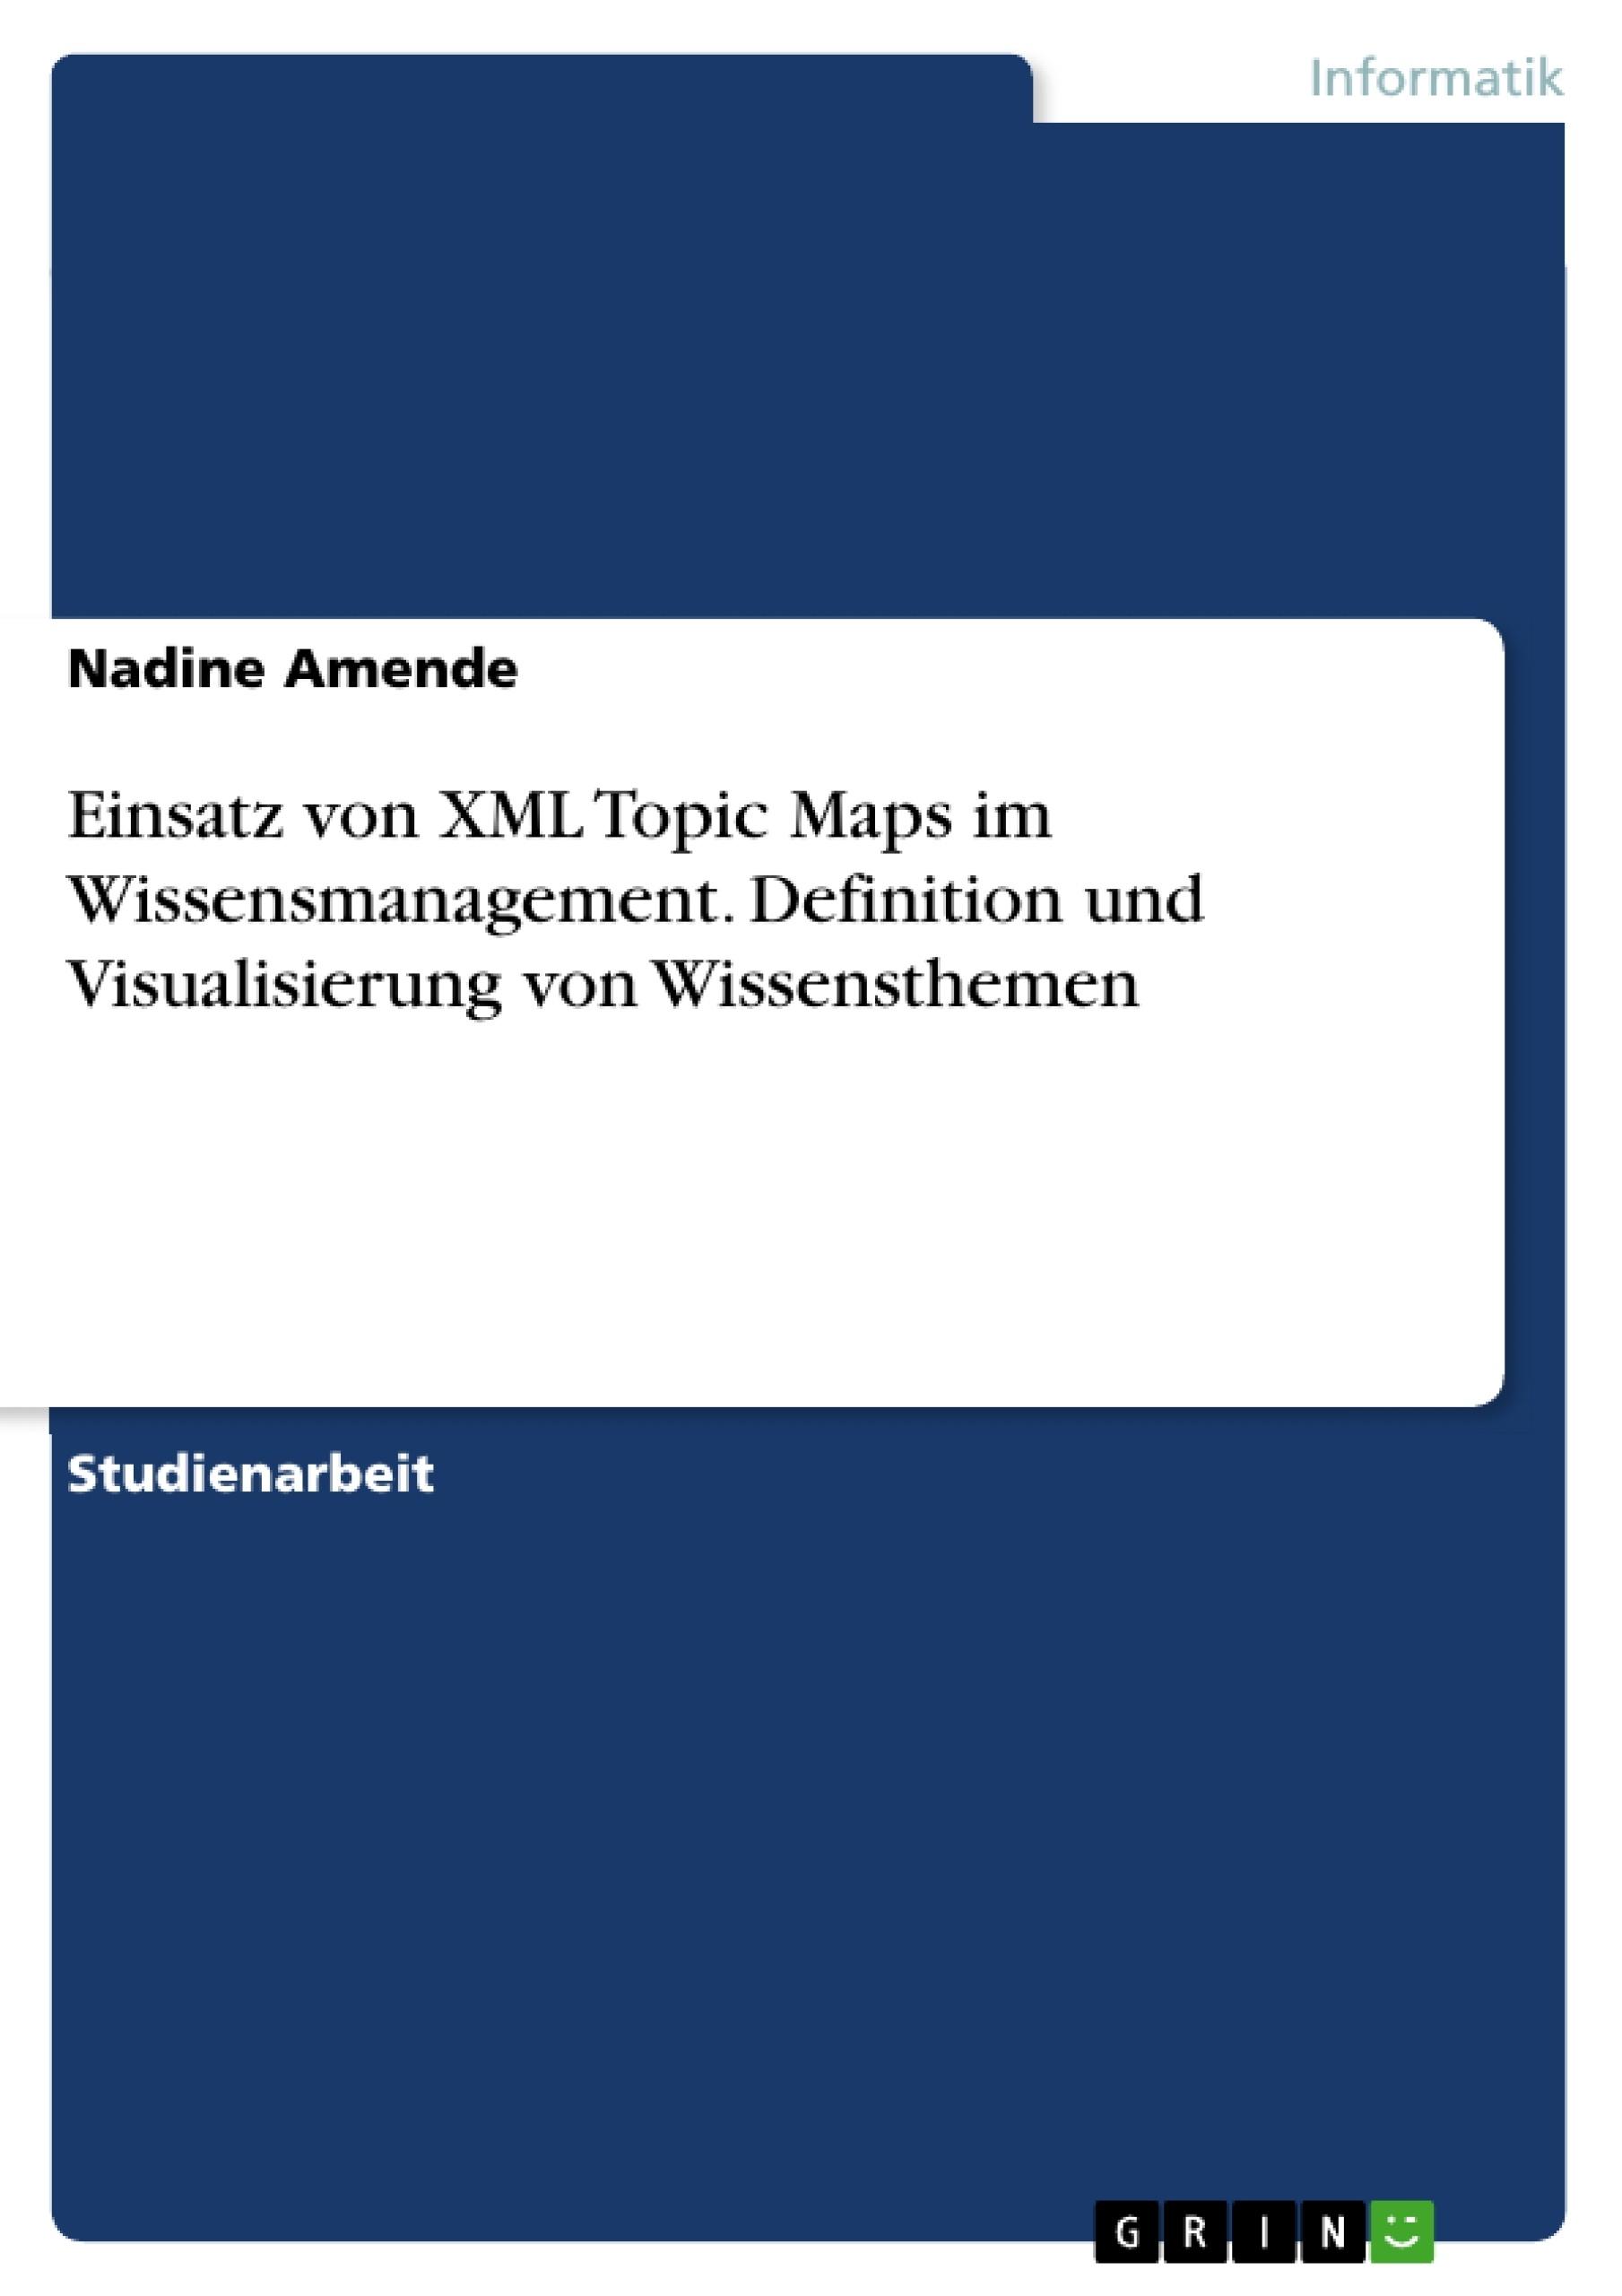 Titel: Einsatz von XML Topic Maps im Wissensmanagement. Definition und Visualisierung von Wissensthemen